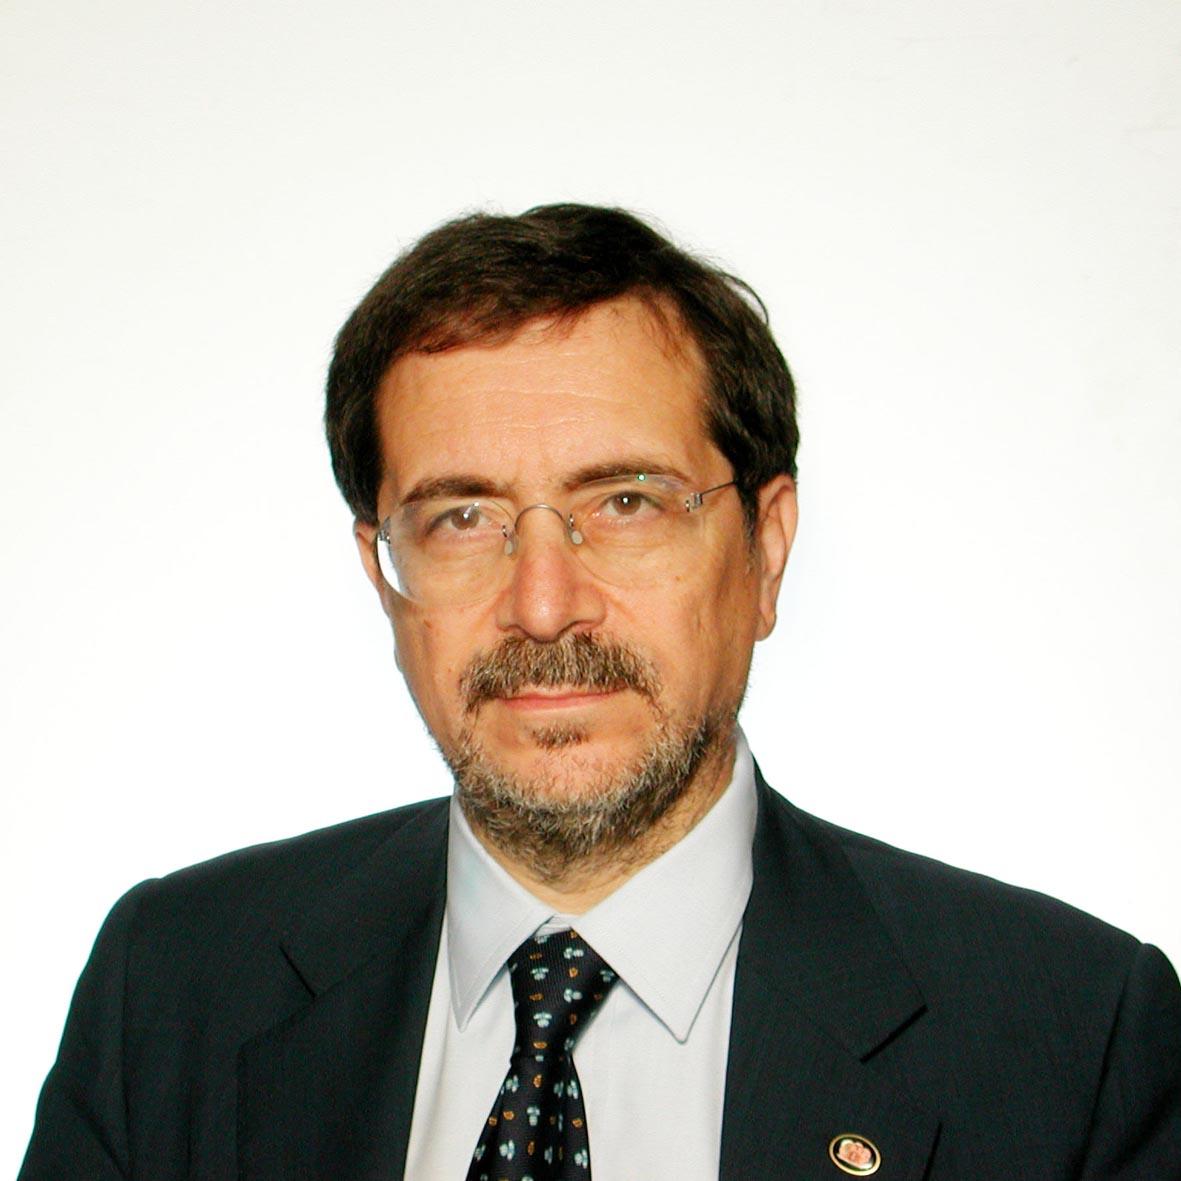 Foto: www.lapiazzaweb.it